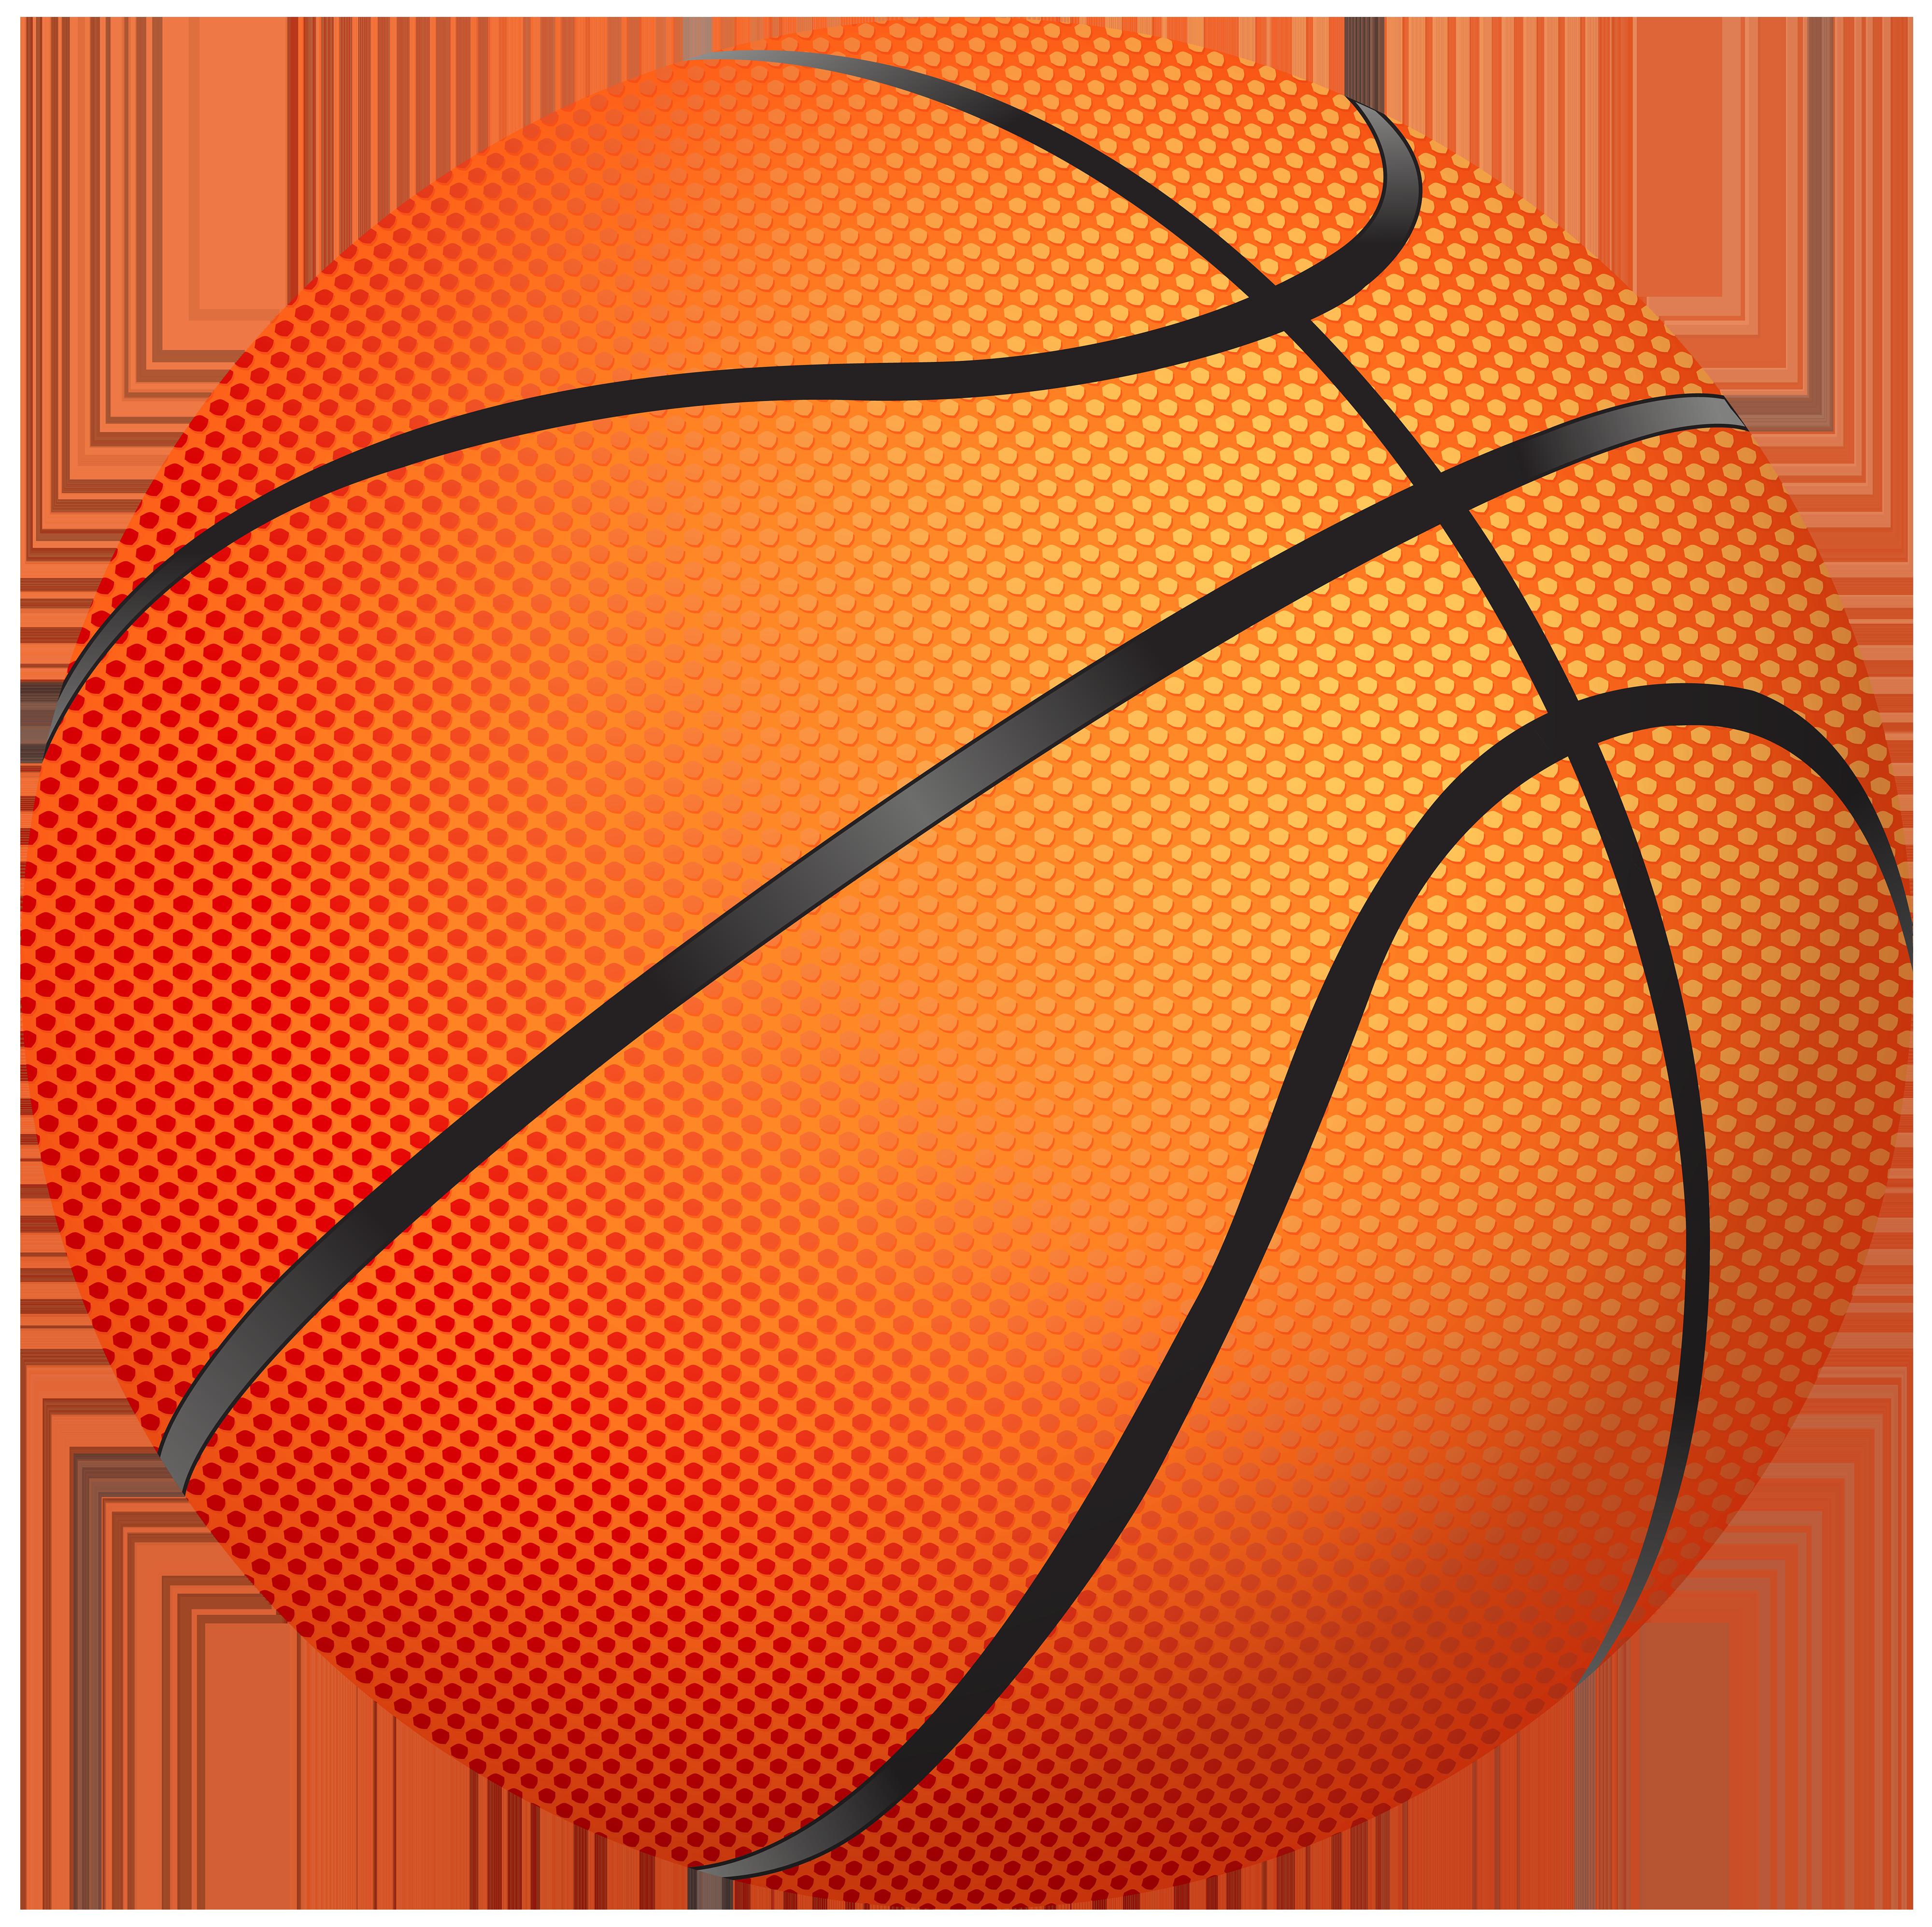 Clipart free basketball, Clipart free basketball Transparent.